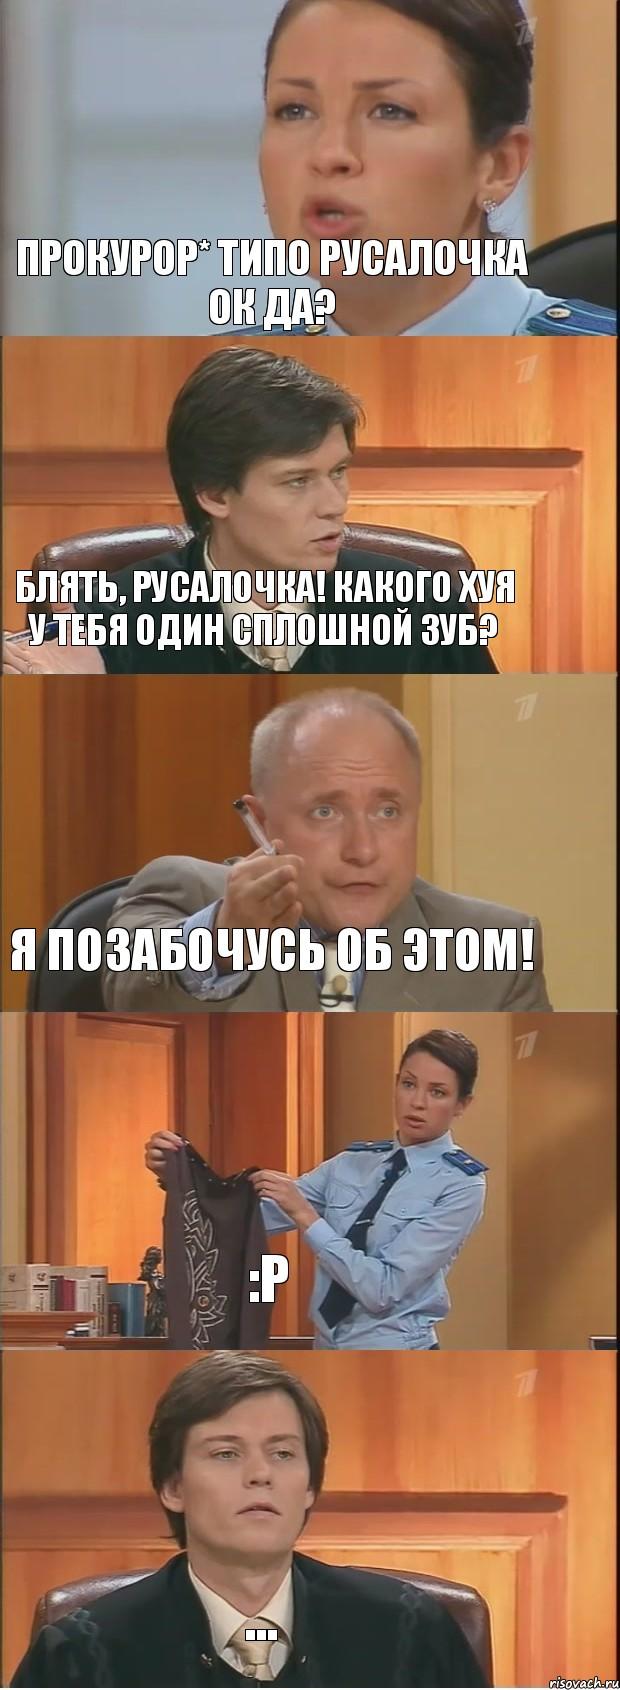 Прокурор Харьковщины не влиял на дело мажора Глазунова, оно готово к передаче в суд, - пресс-секретарь - Цензор.НЕТ 1581